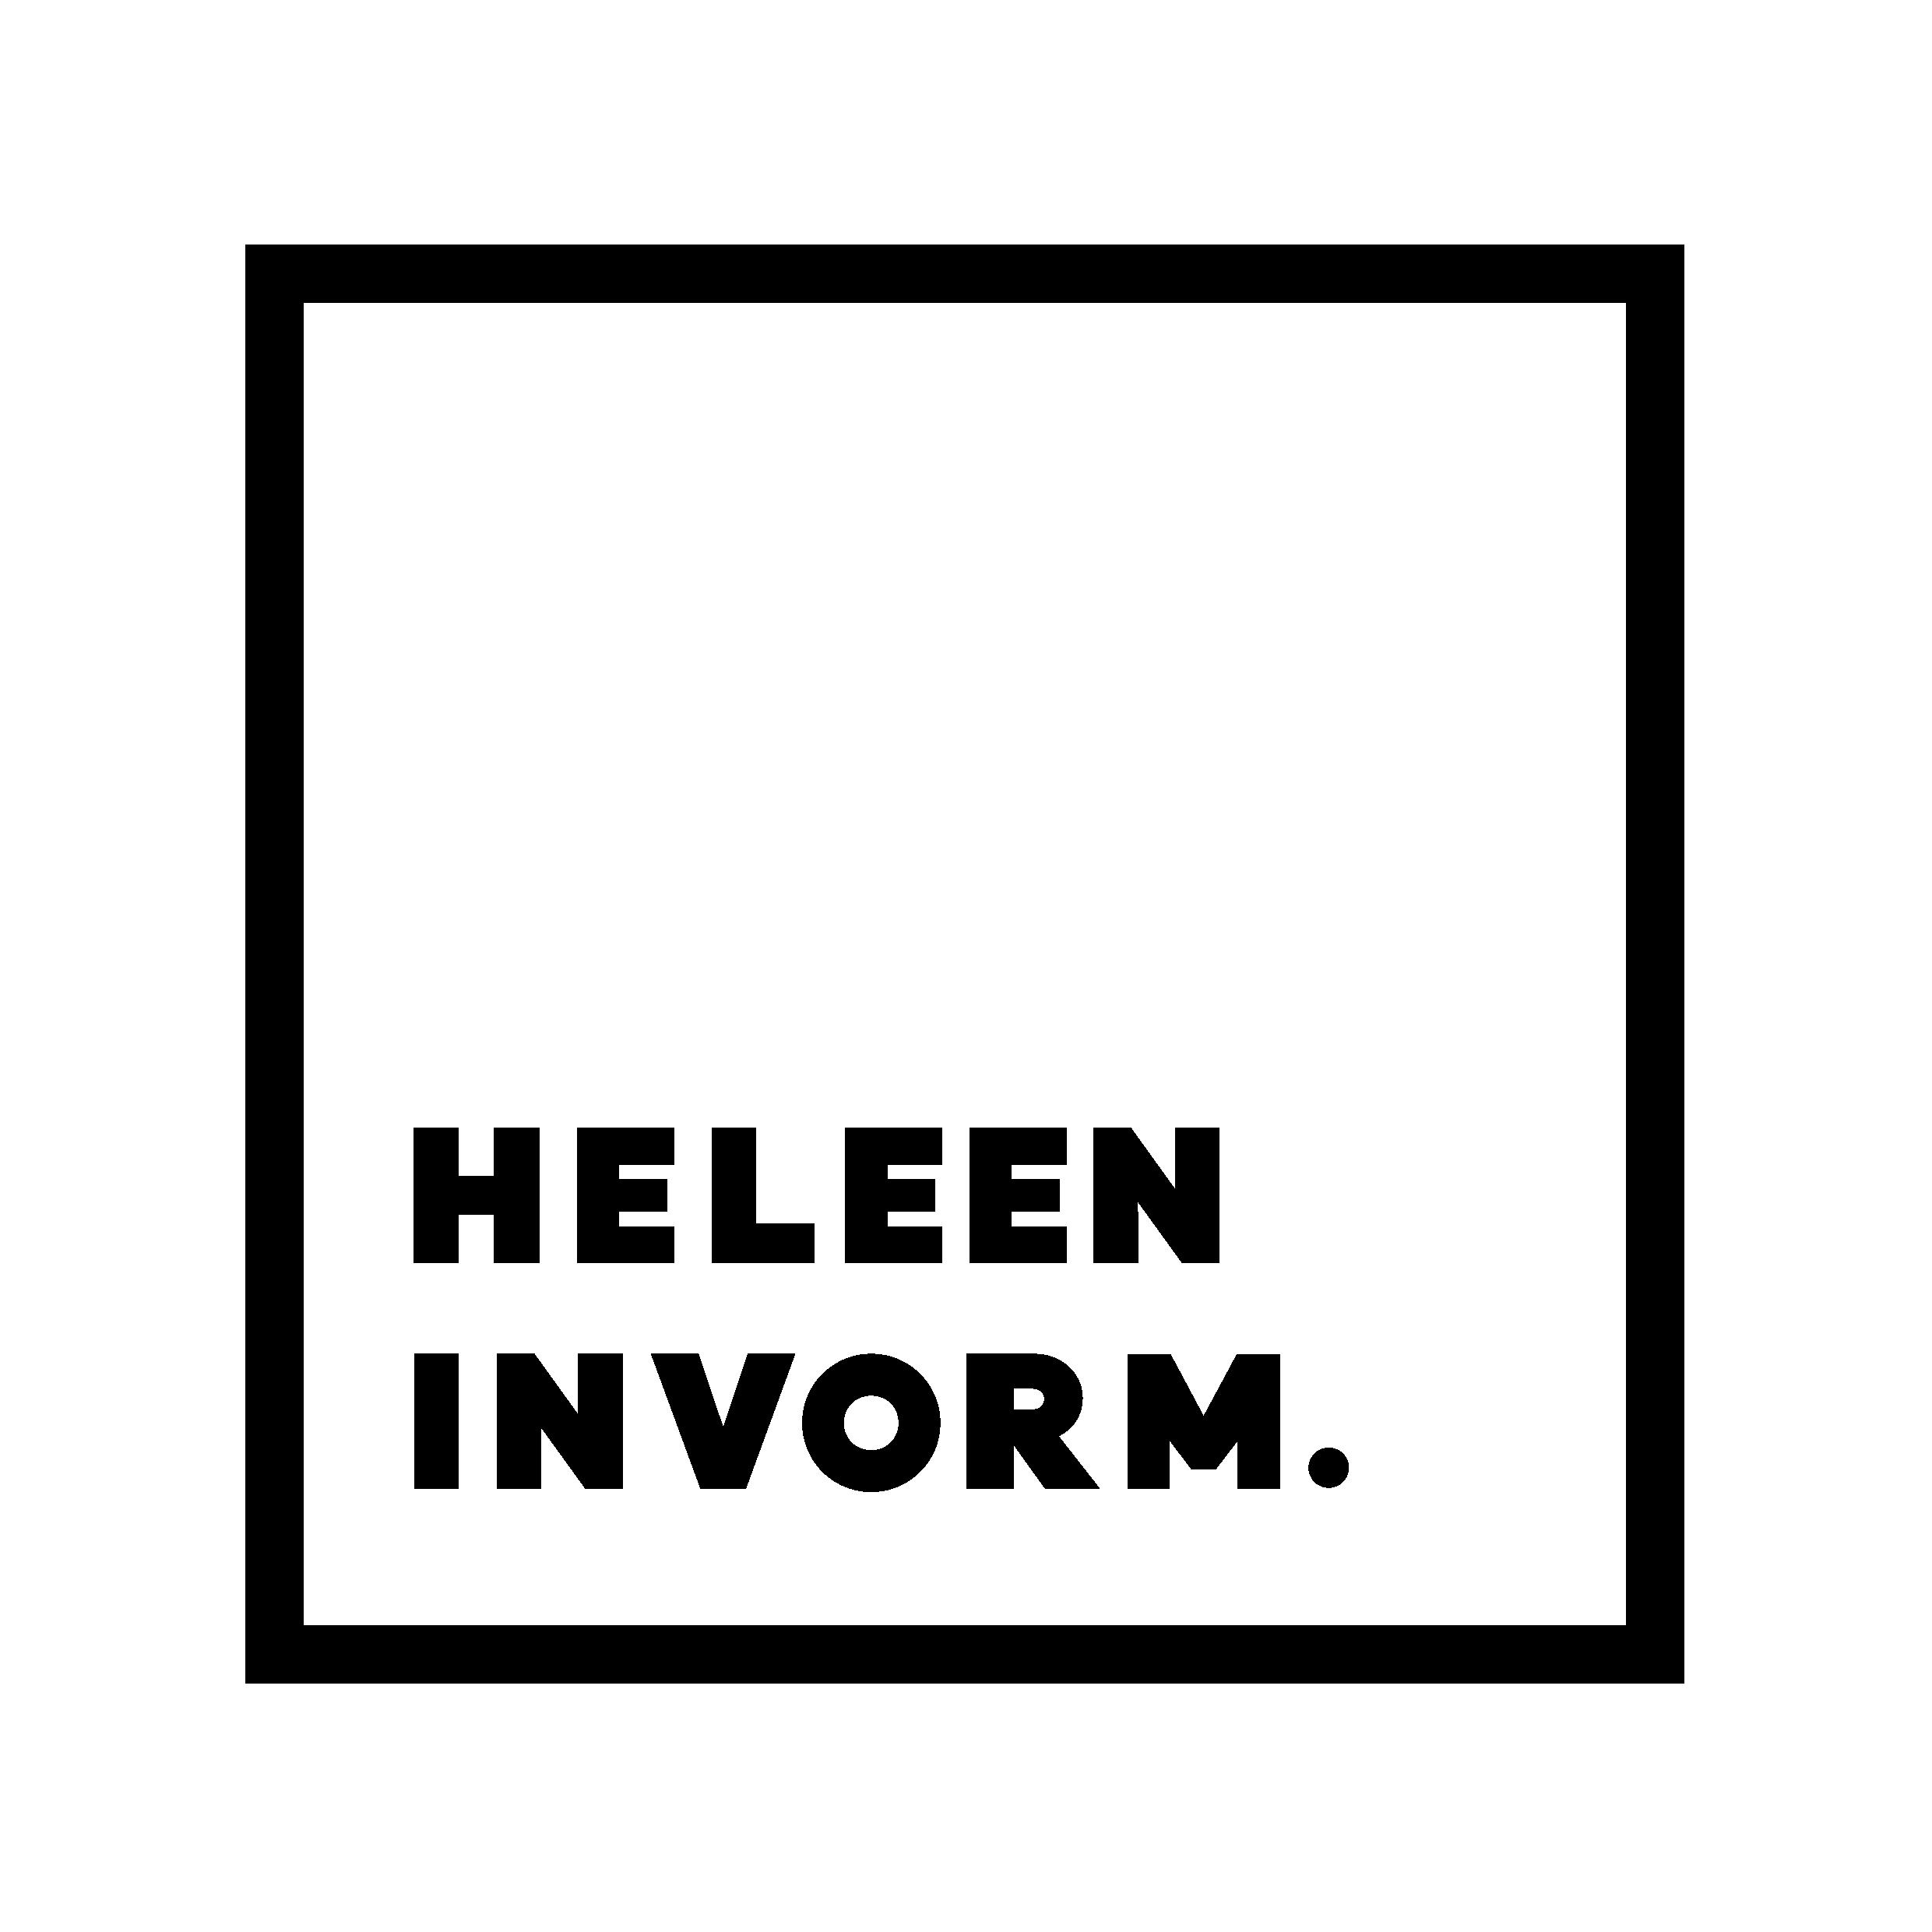 HELEENINVORM